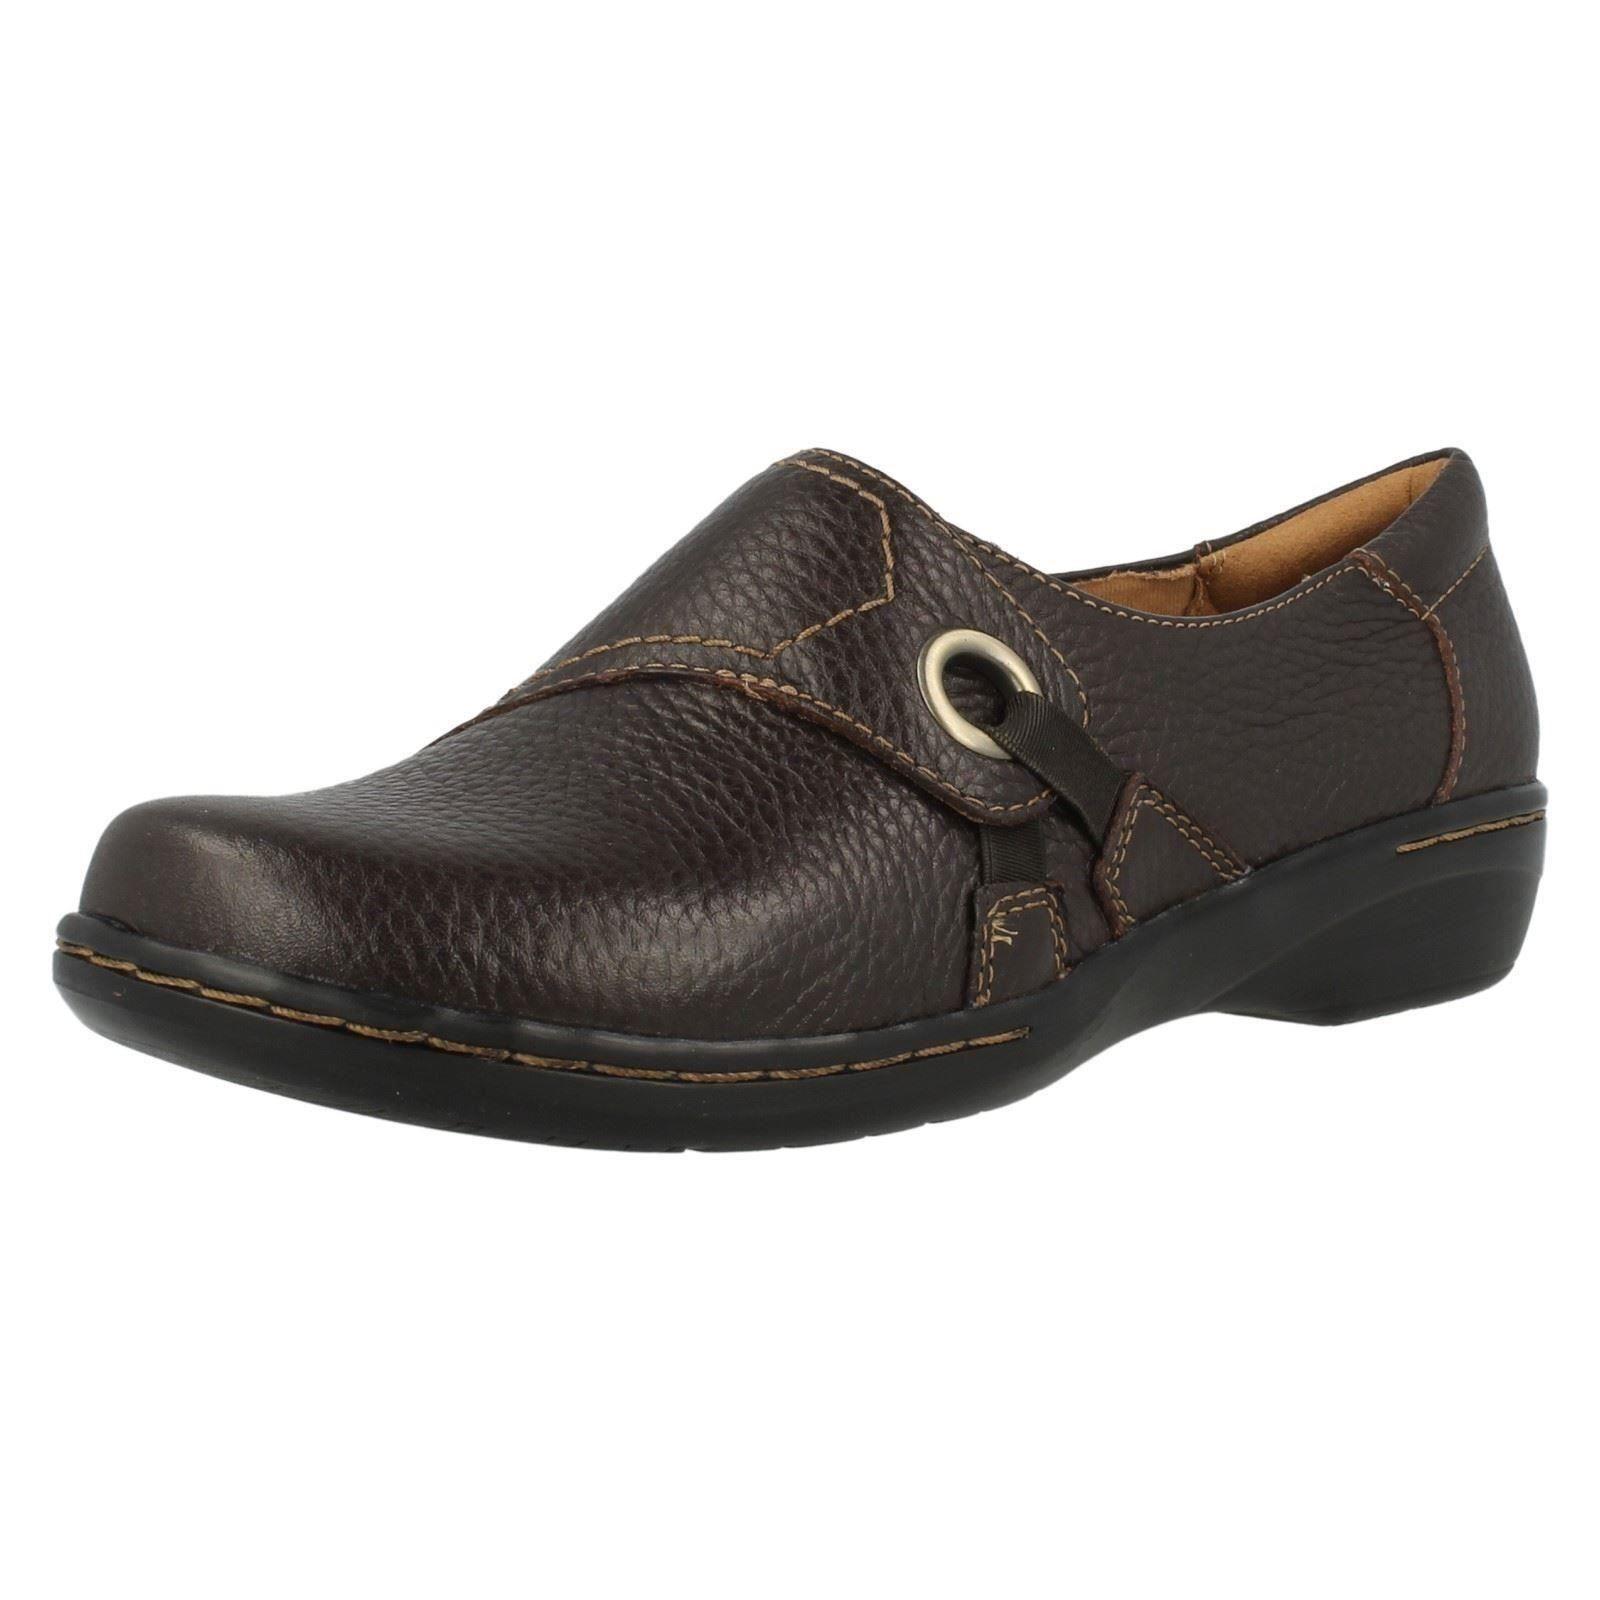 Clarks' evianna Boa ' Damen braun Leder Slipper Bequem Schuhe D PASSFORM UK 9